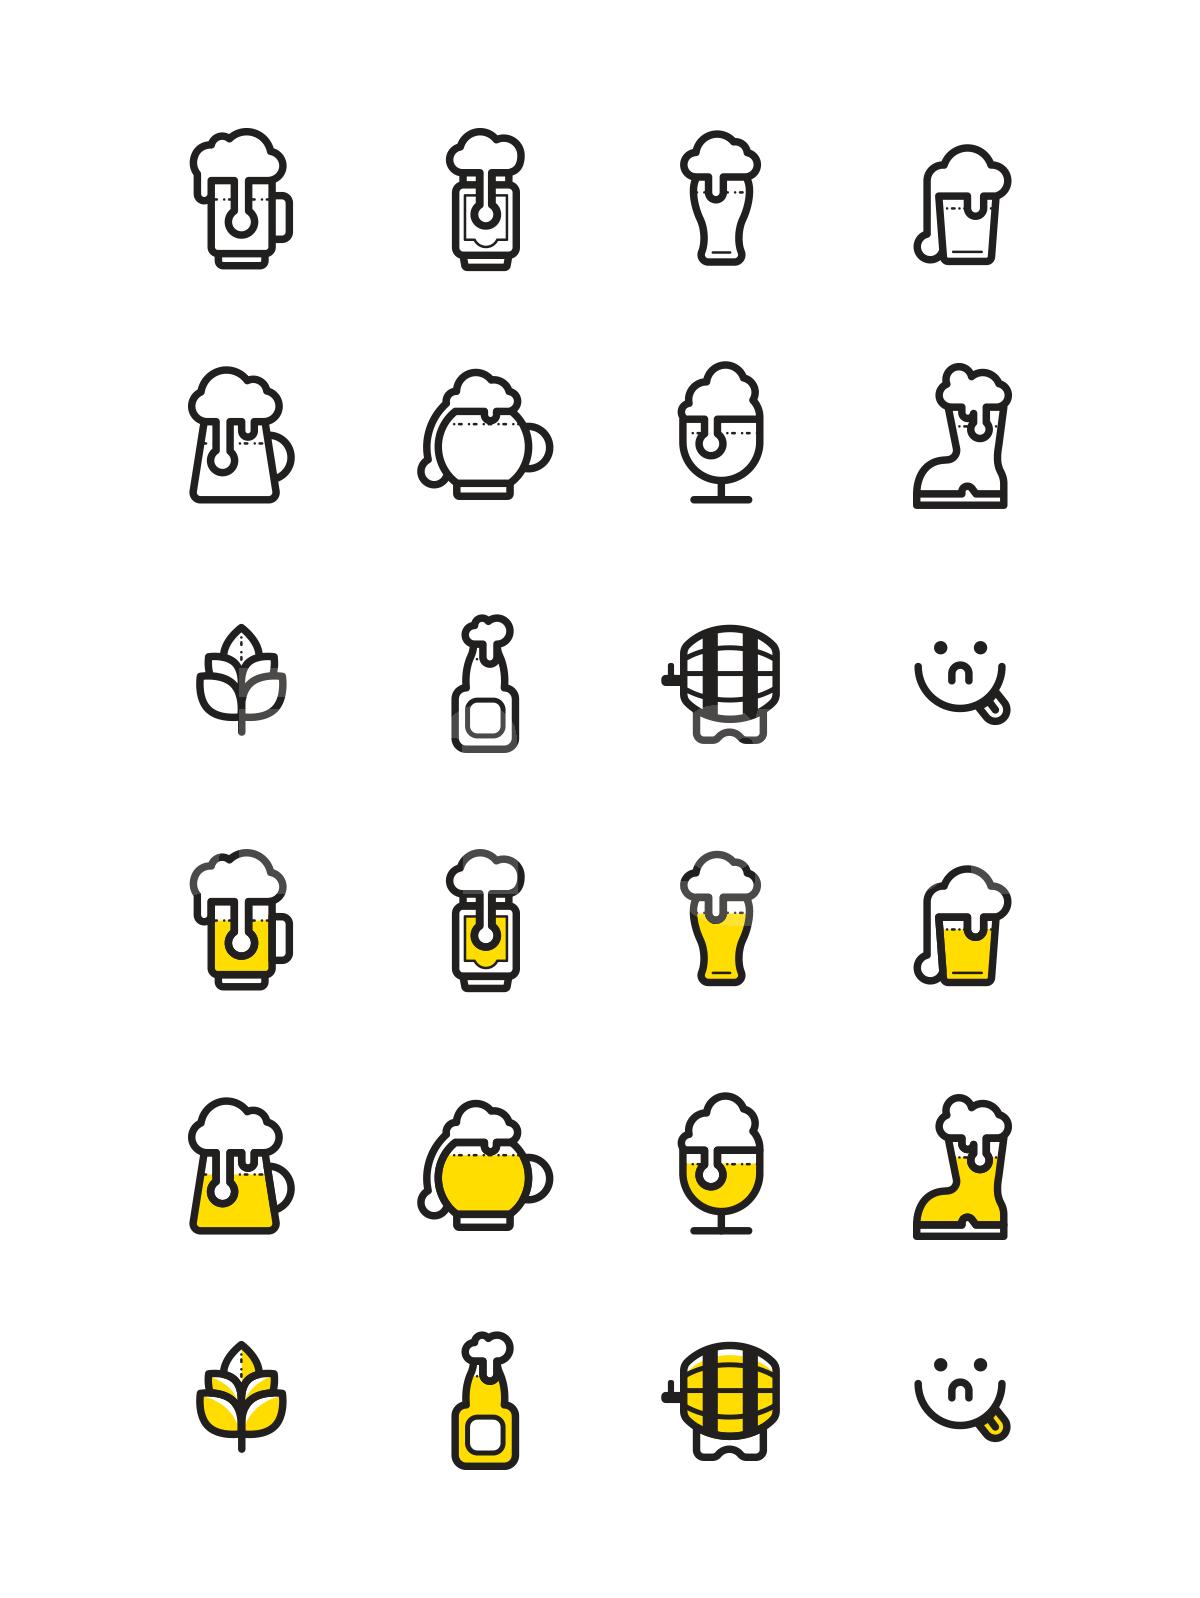 啤酒图标icon线性源文件下载